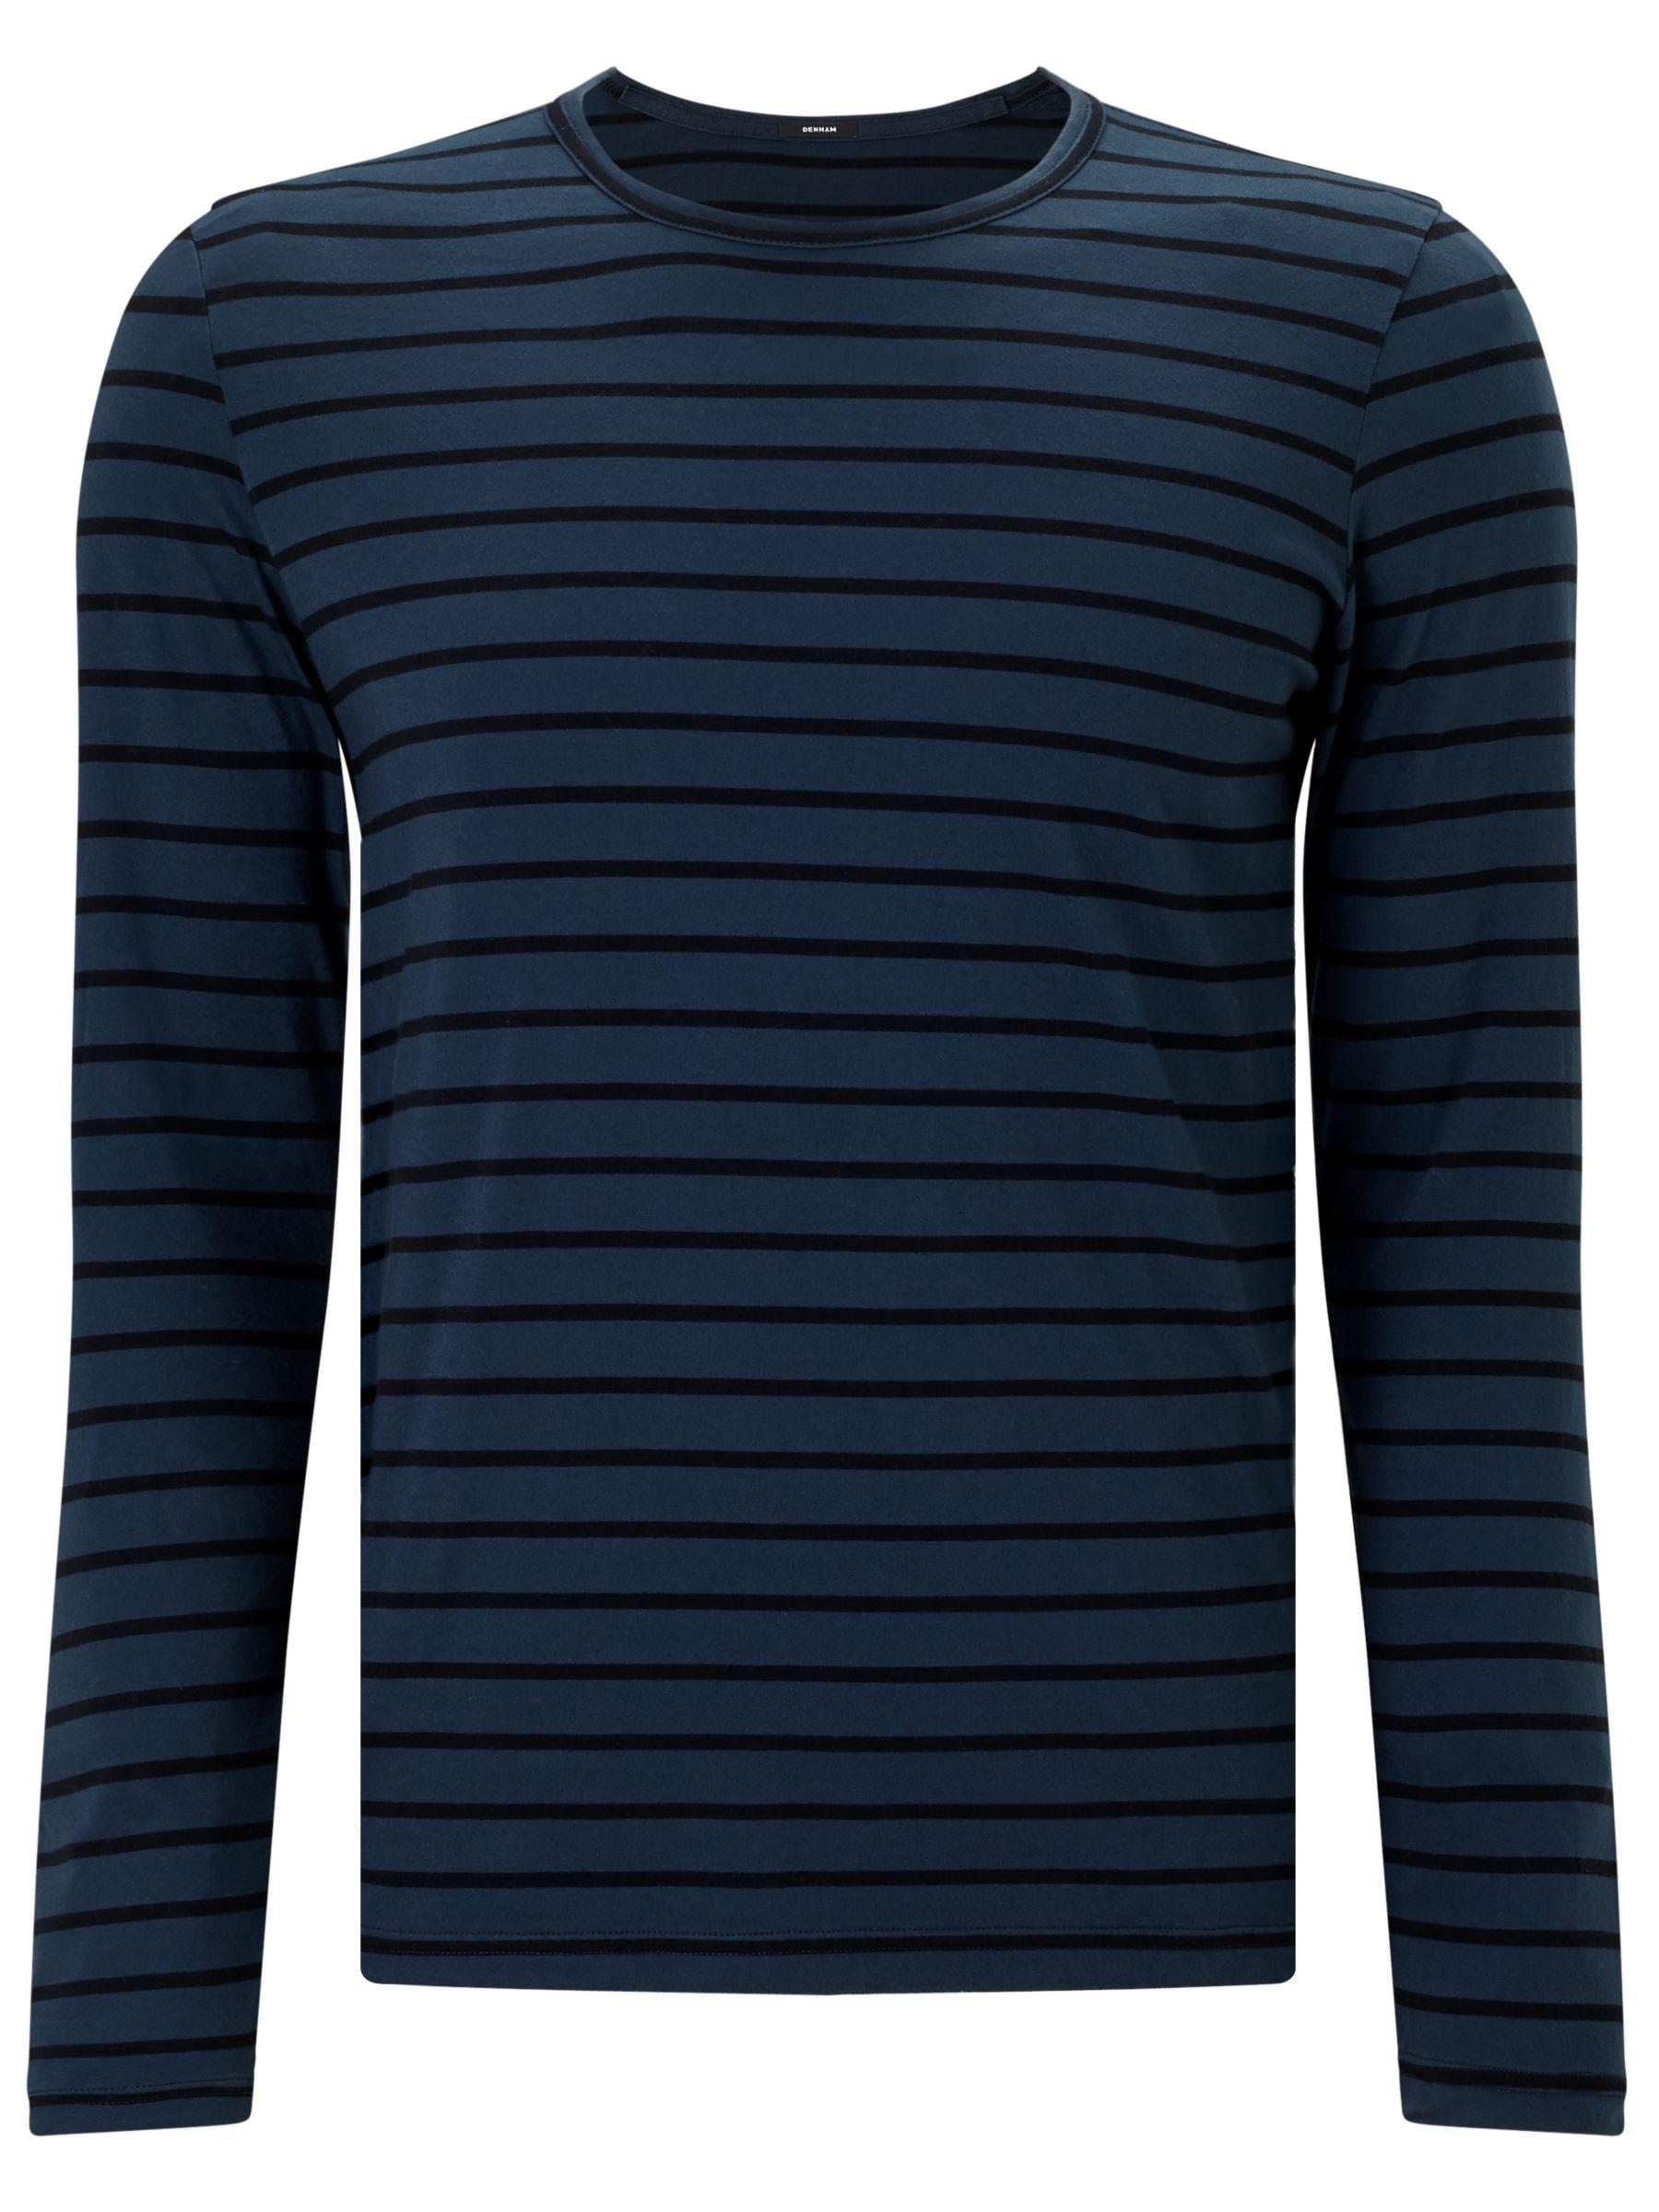 Denham Denham Signature Long Sleeve Stripe T-Shirt, Night Sky